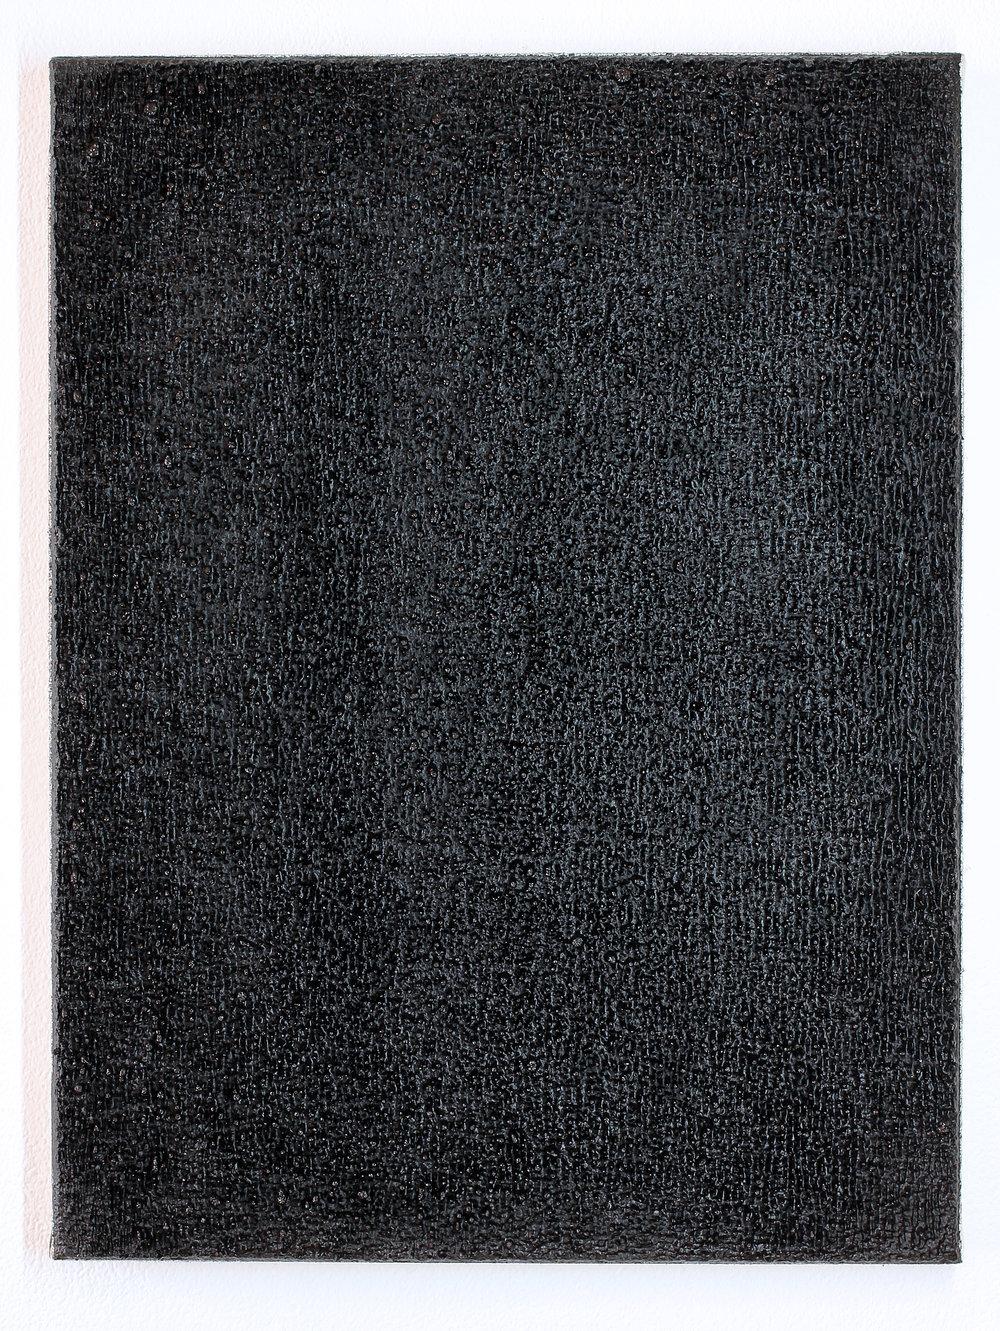 80 x 60 cm